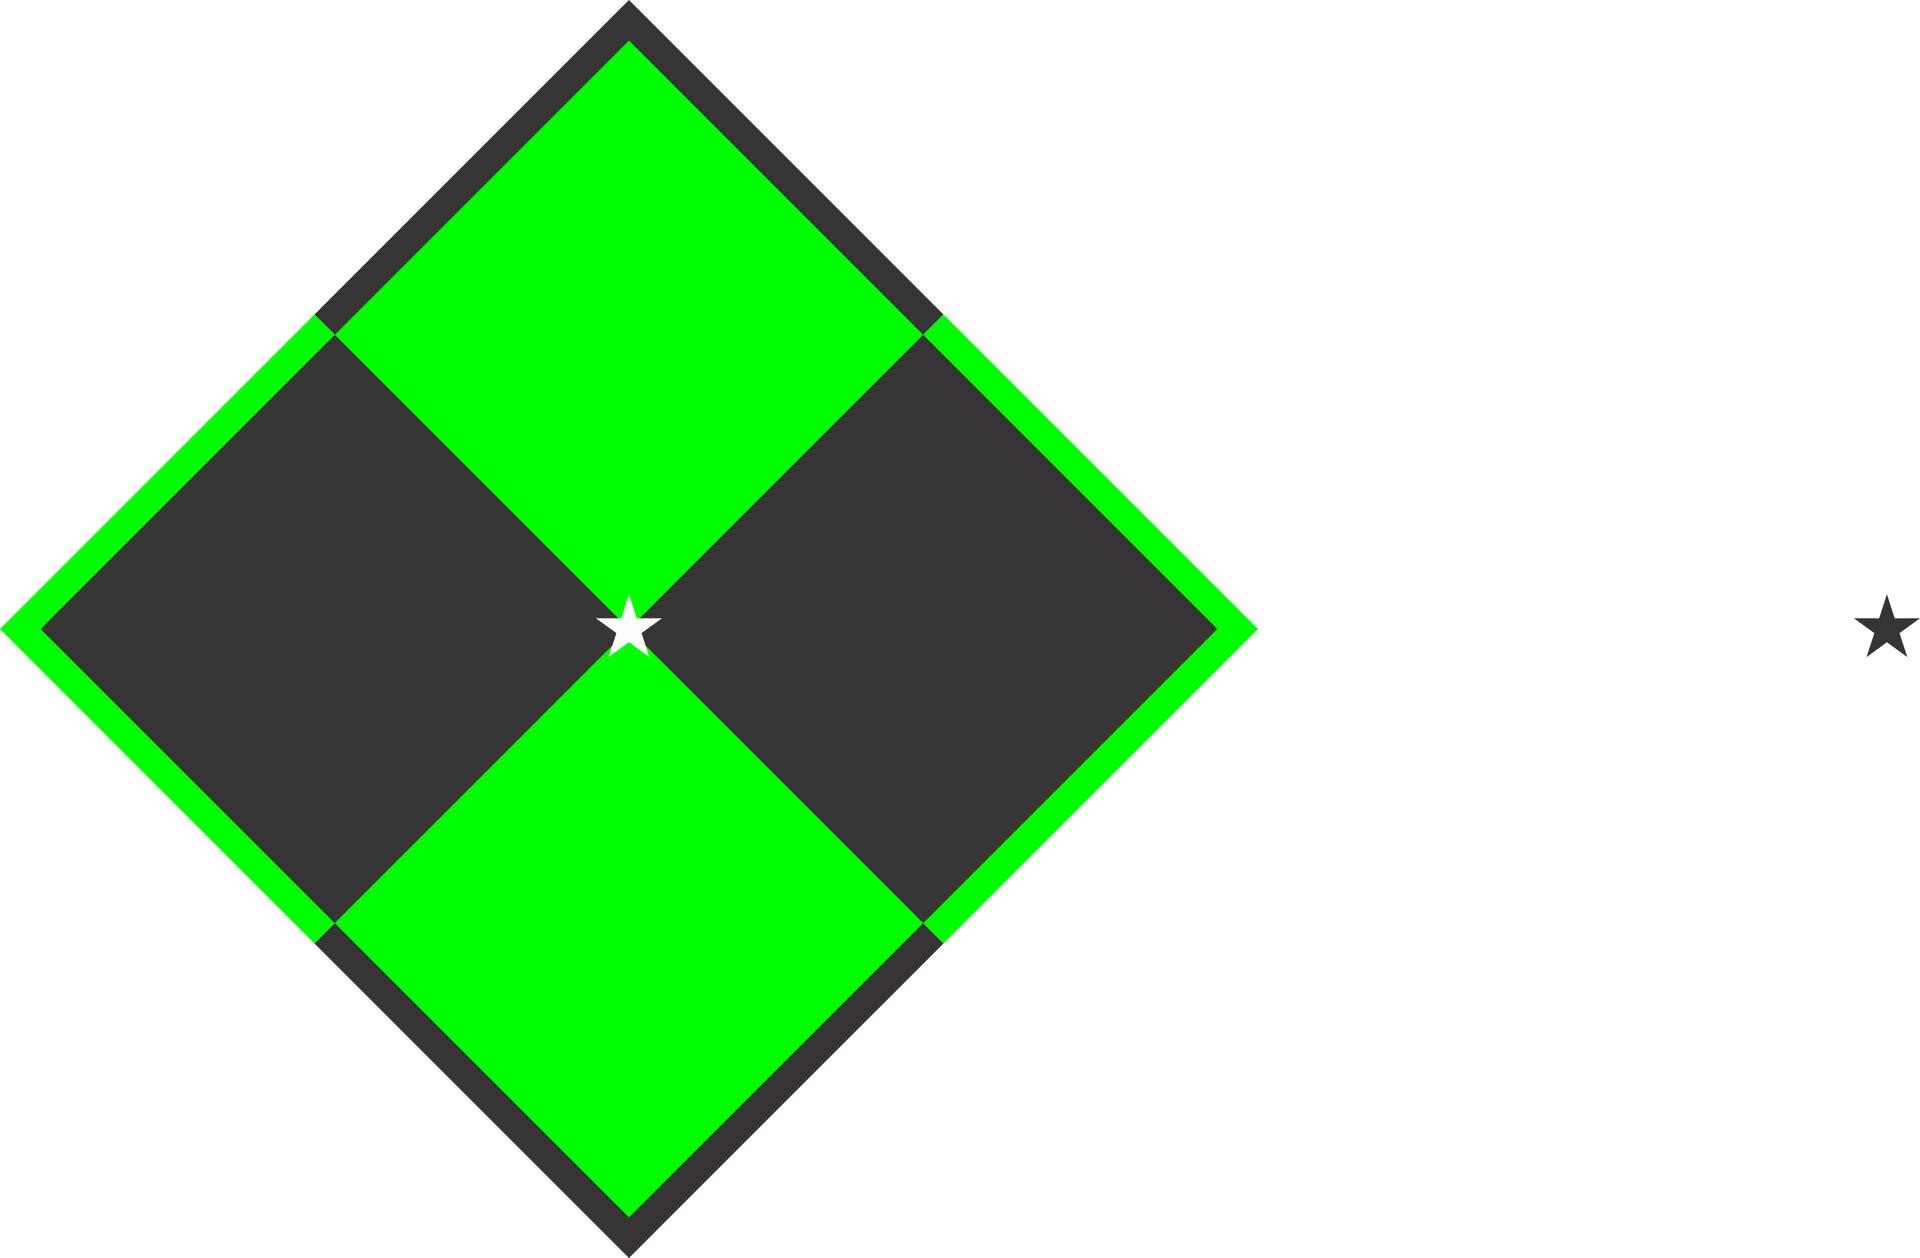 Ilustracja przedstawia szaro-zieloną szachownicę na białym tle. Wśrodku, gdzie kolorowe płaszczyzny łączą się ze sobą, widoczna jest biała gwiazdka. Zprawej strony fotografii znajduje się szara gwiazdka.